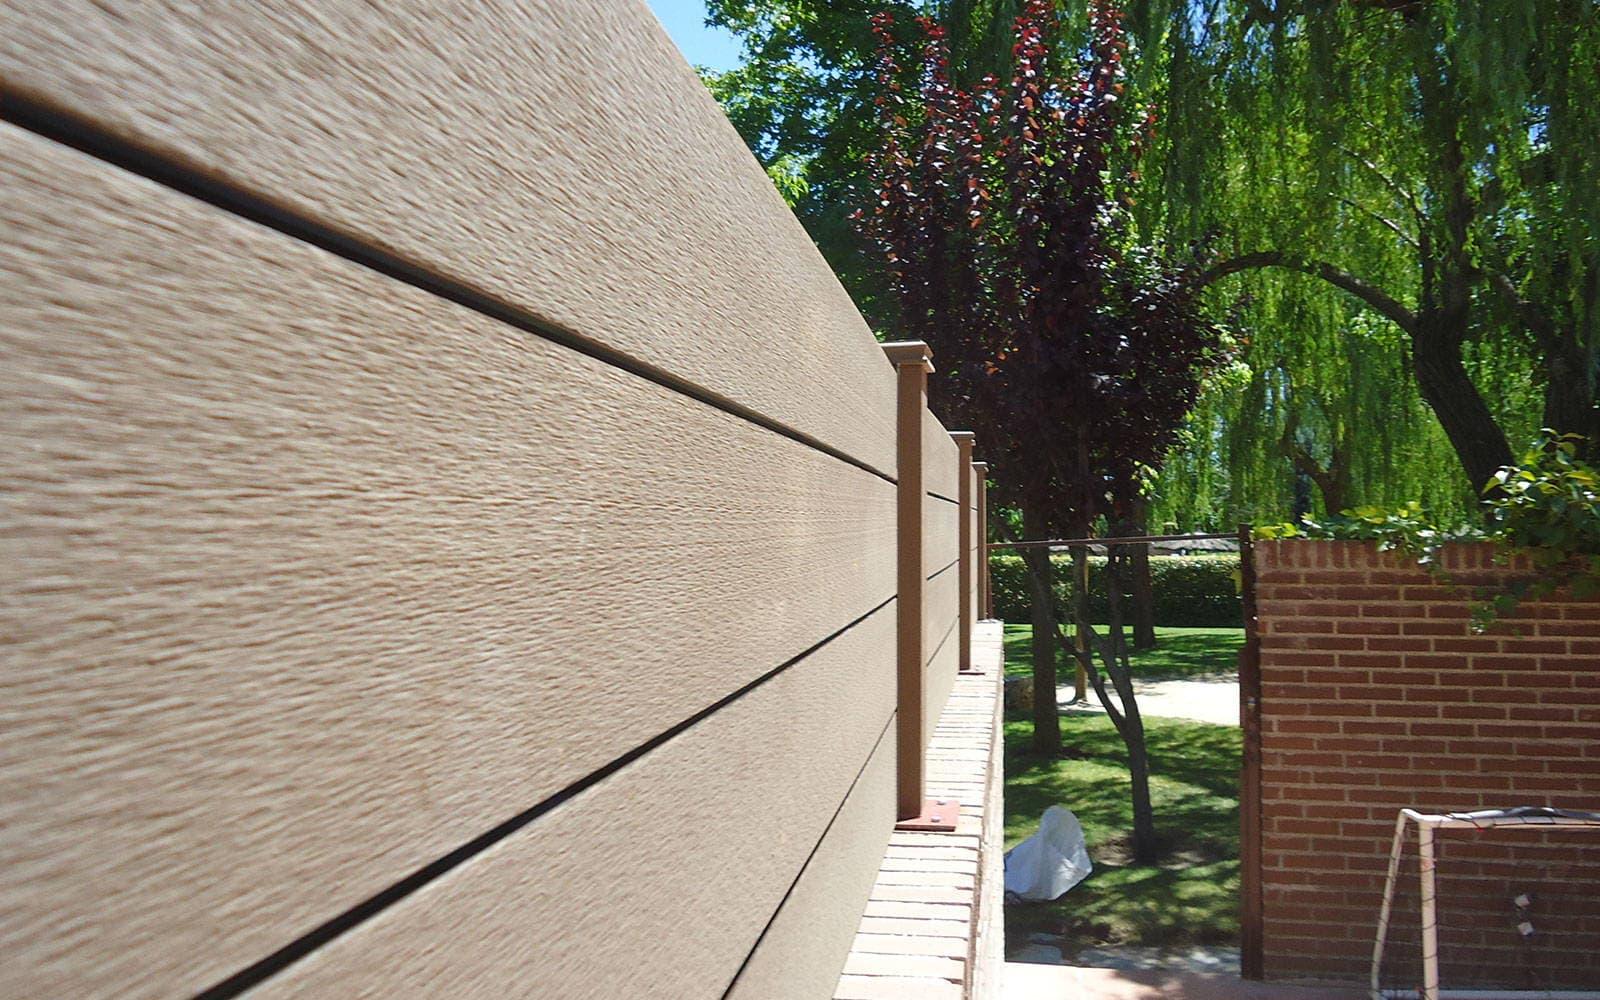 Separadores jardin separador celosia jardn foto casapro empalizada para jardn set de unidades - Separador jardin ...